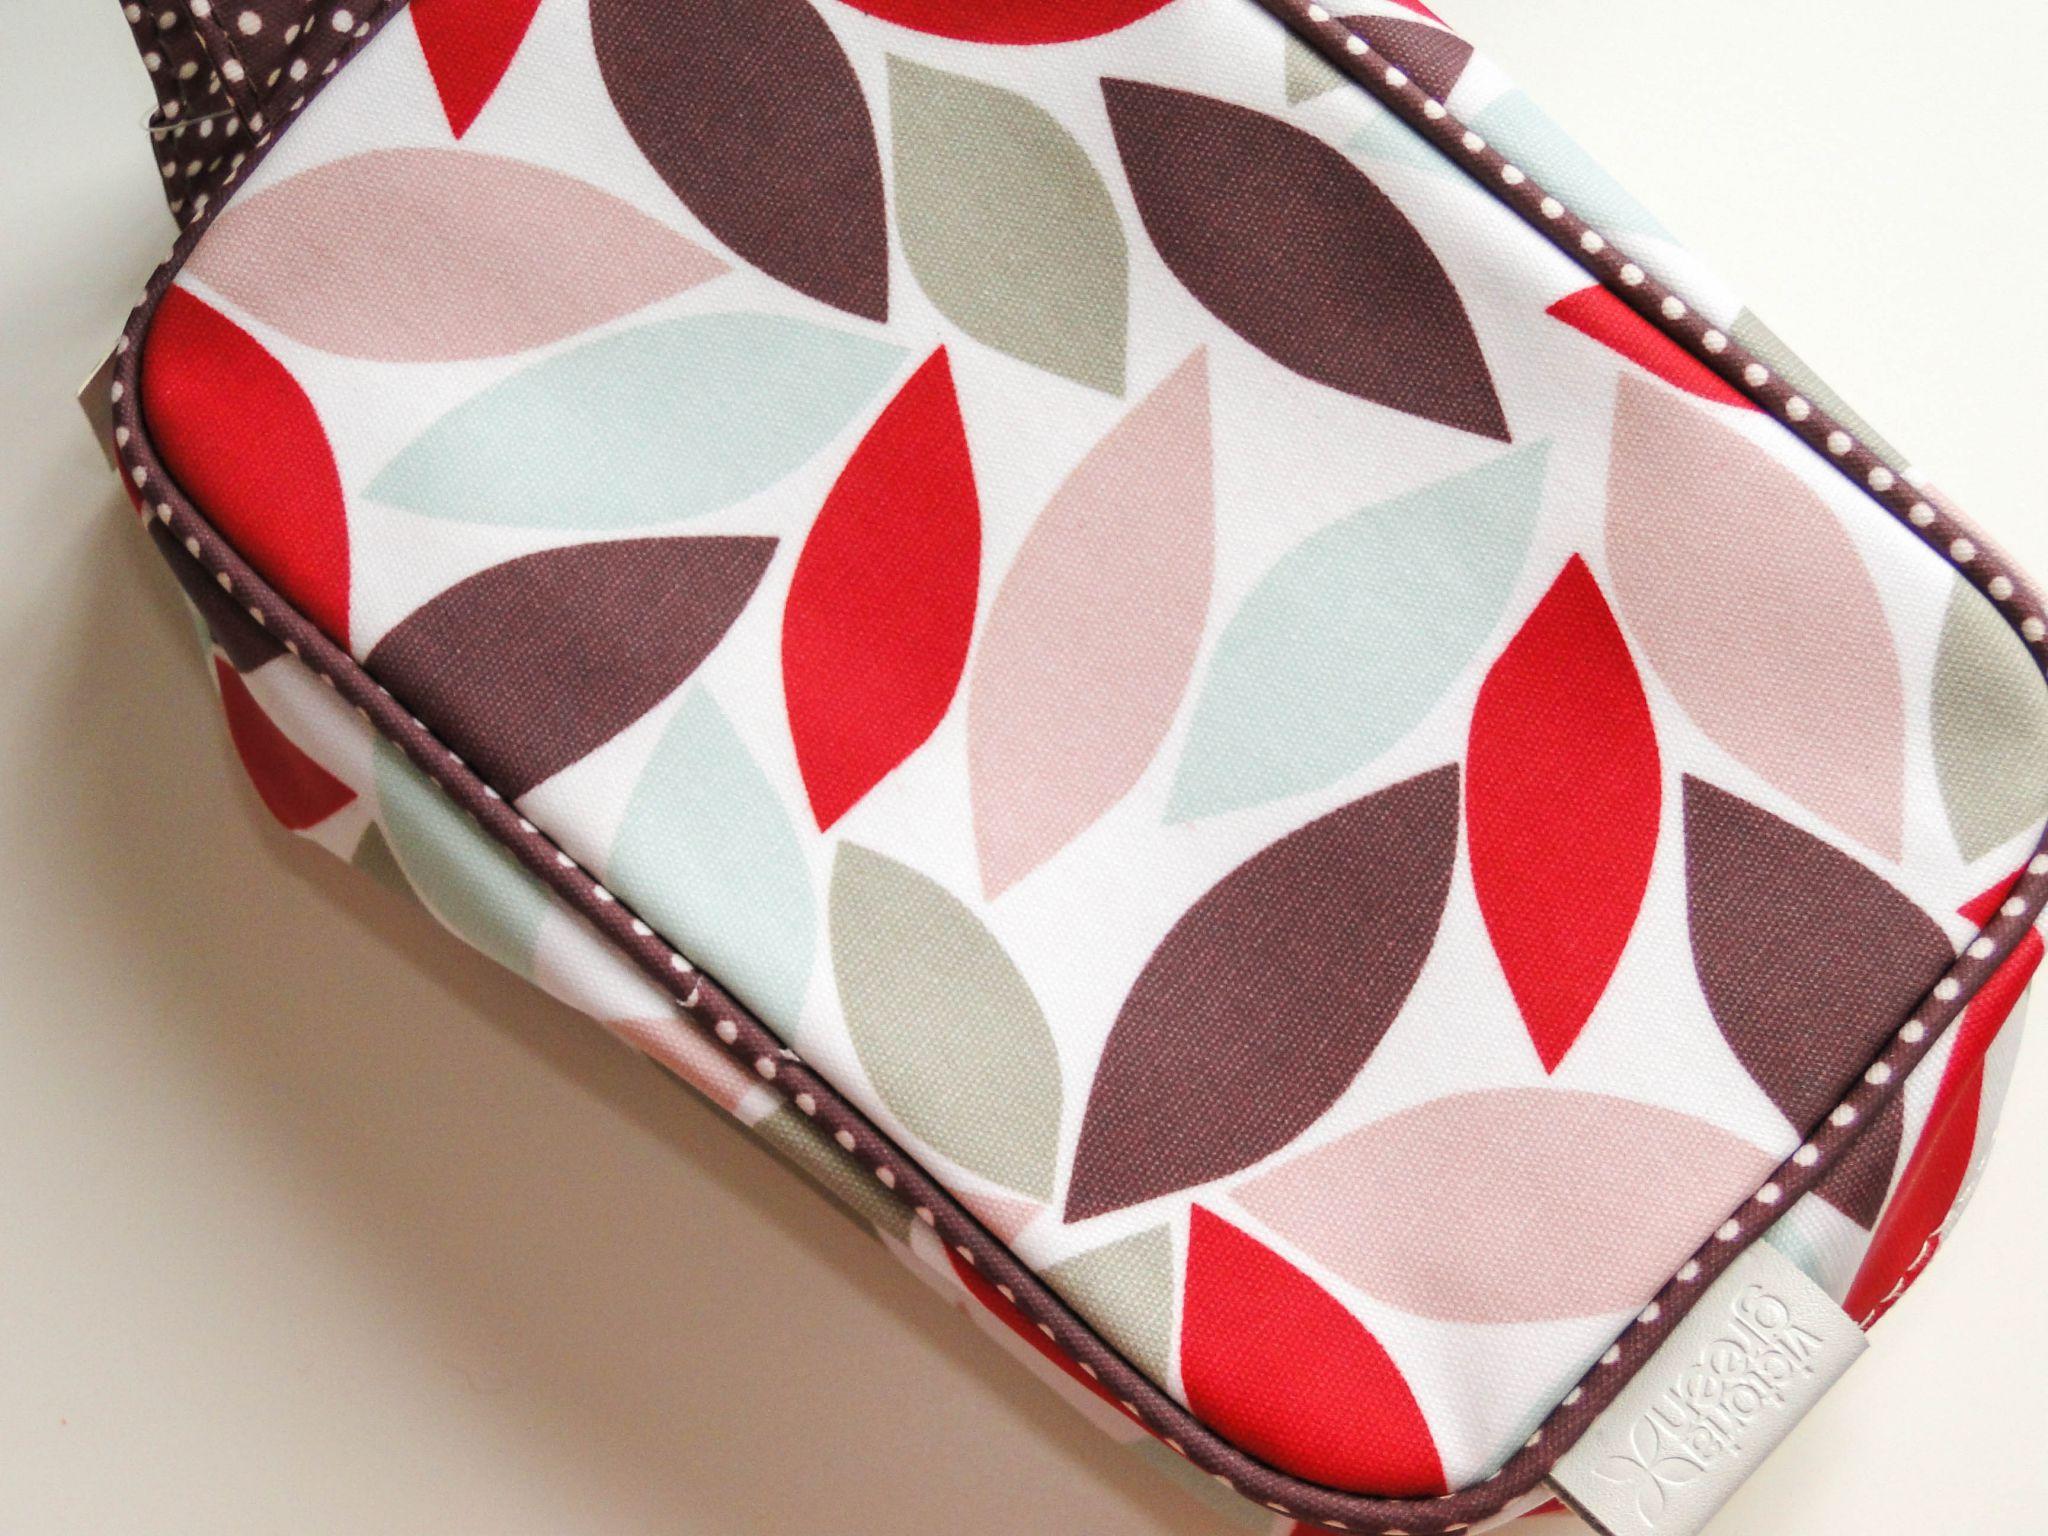 Victoria Green Cosmetics Bags